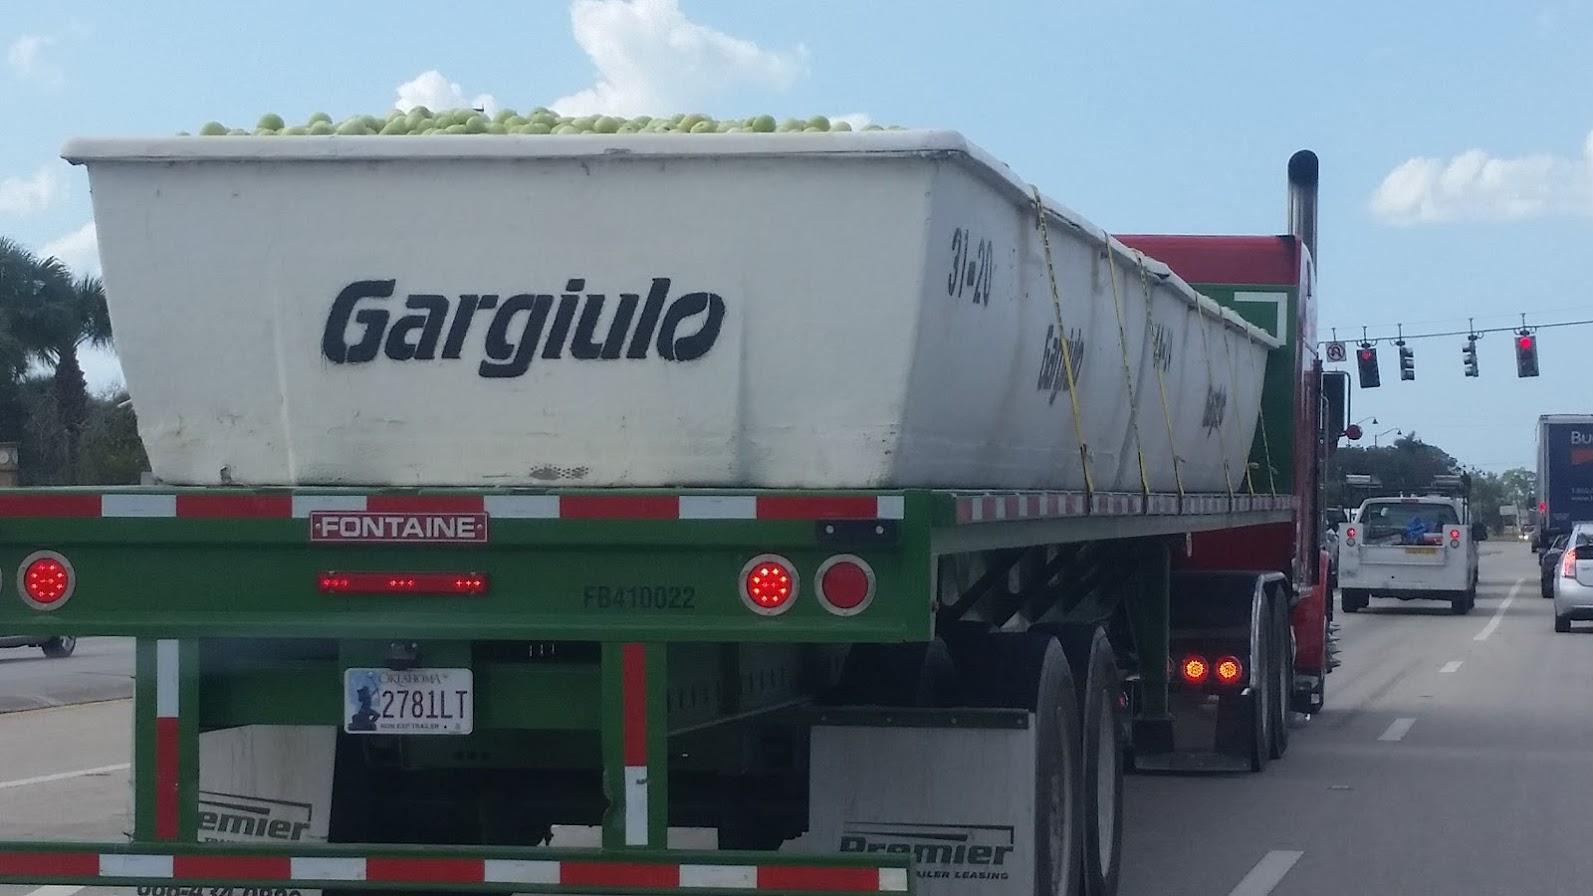 Garguilo Tomato Truck